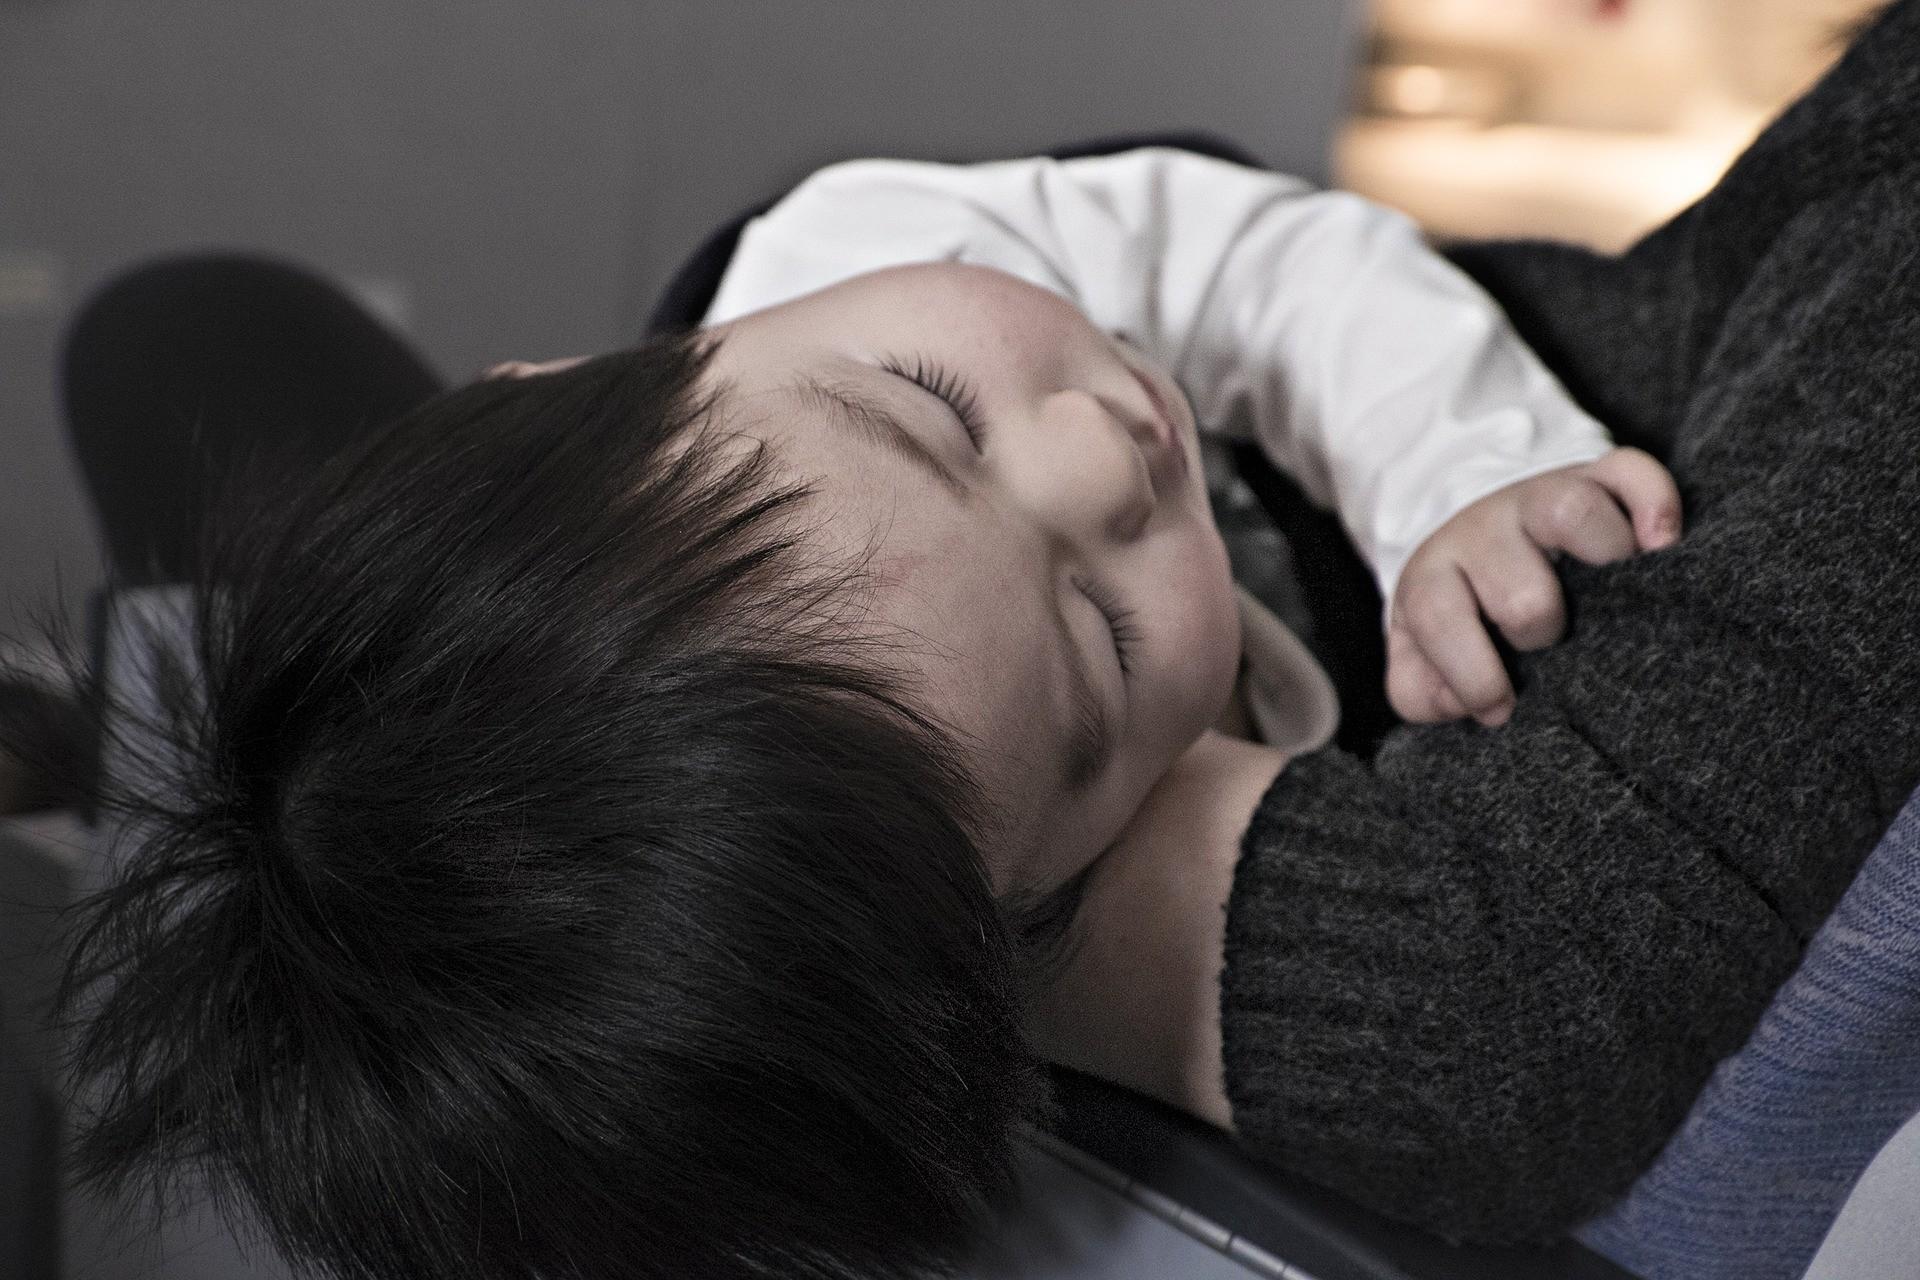 ▲小孩,幼兒,小朋友,寶寶。(圖/翻攝自免費圖庫Pixabay)